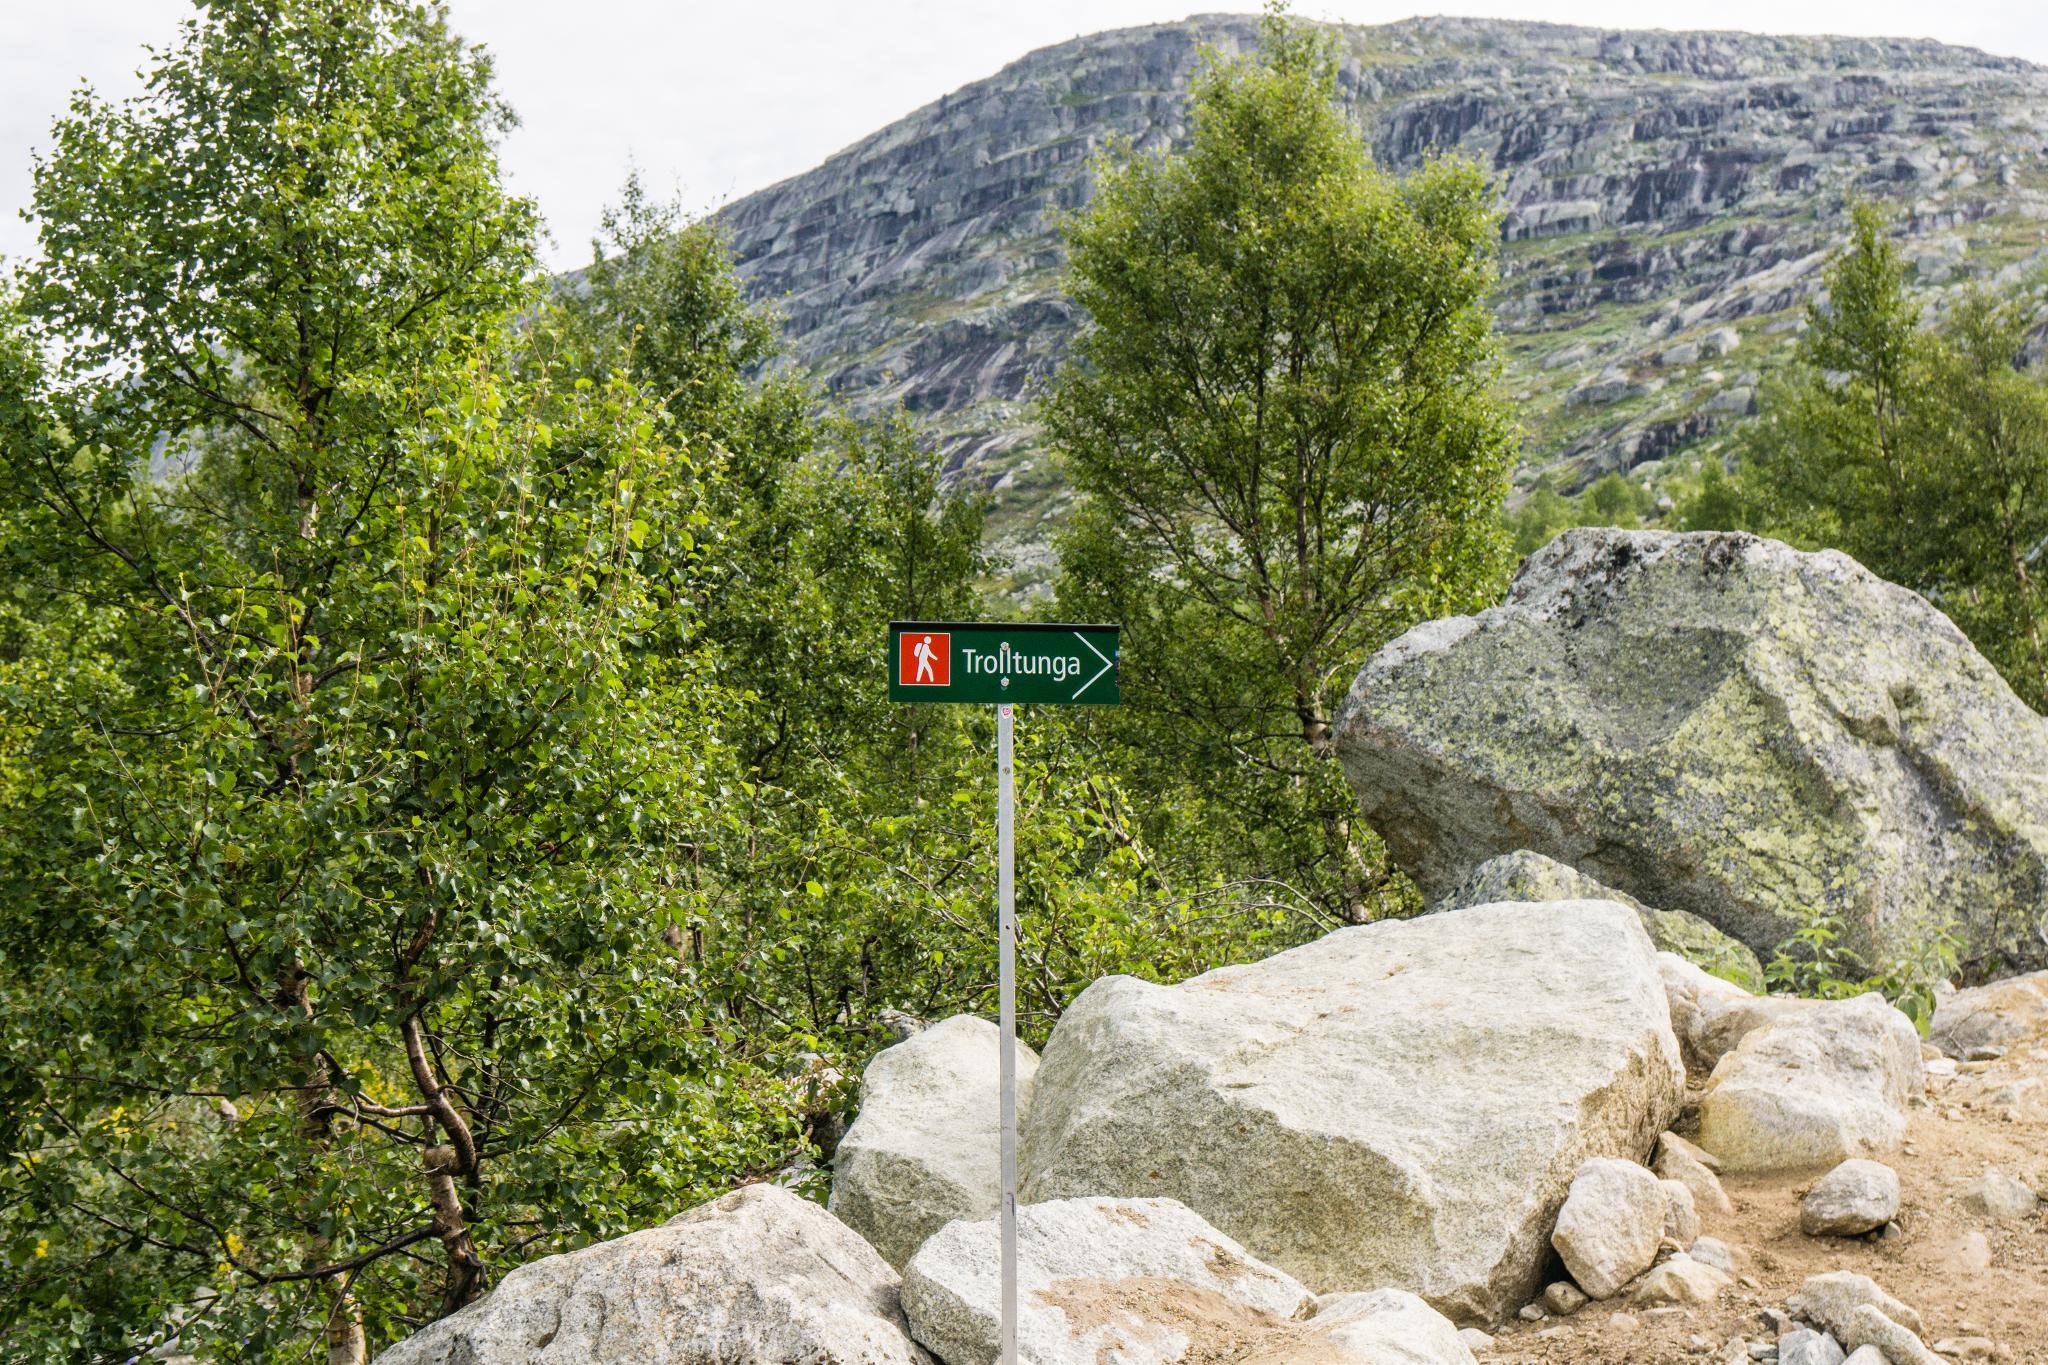 【北歐景點】挪威惡魔之舌 Trolltunga — 28公里健行挑戰全攻略 189